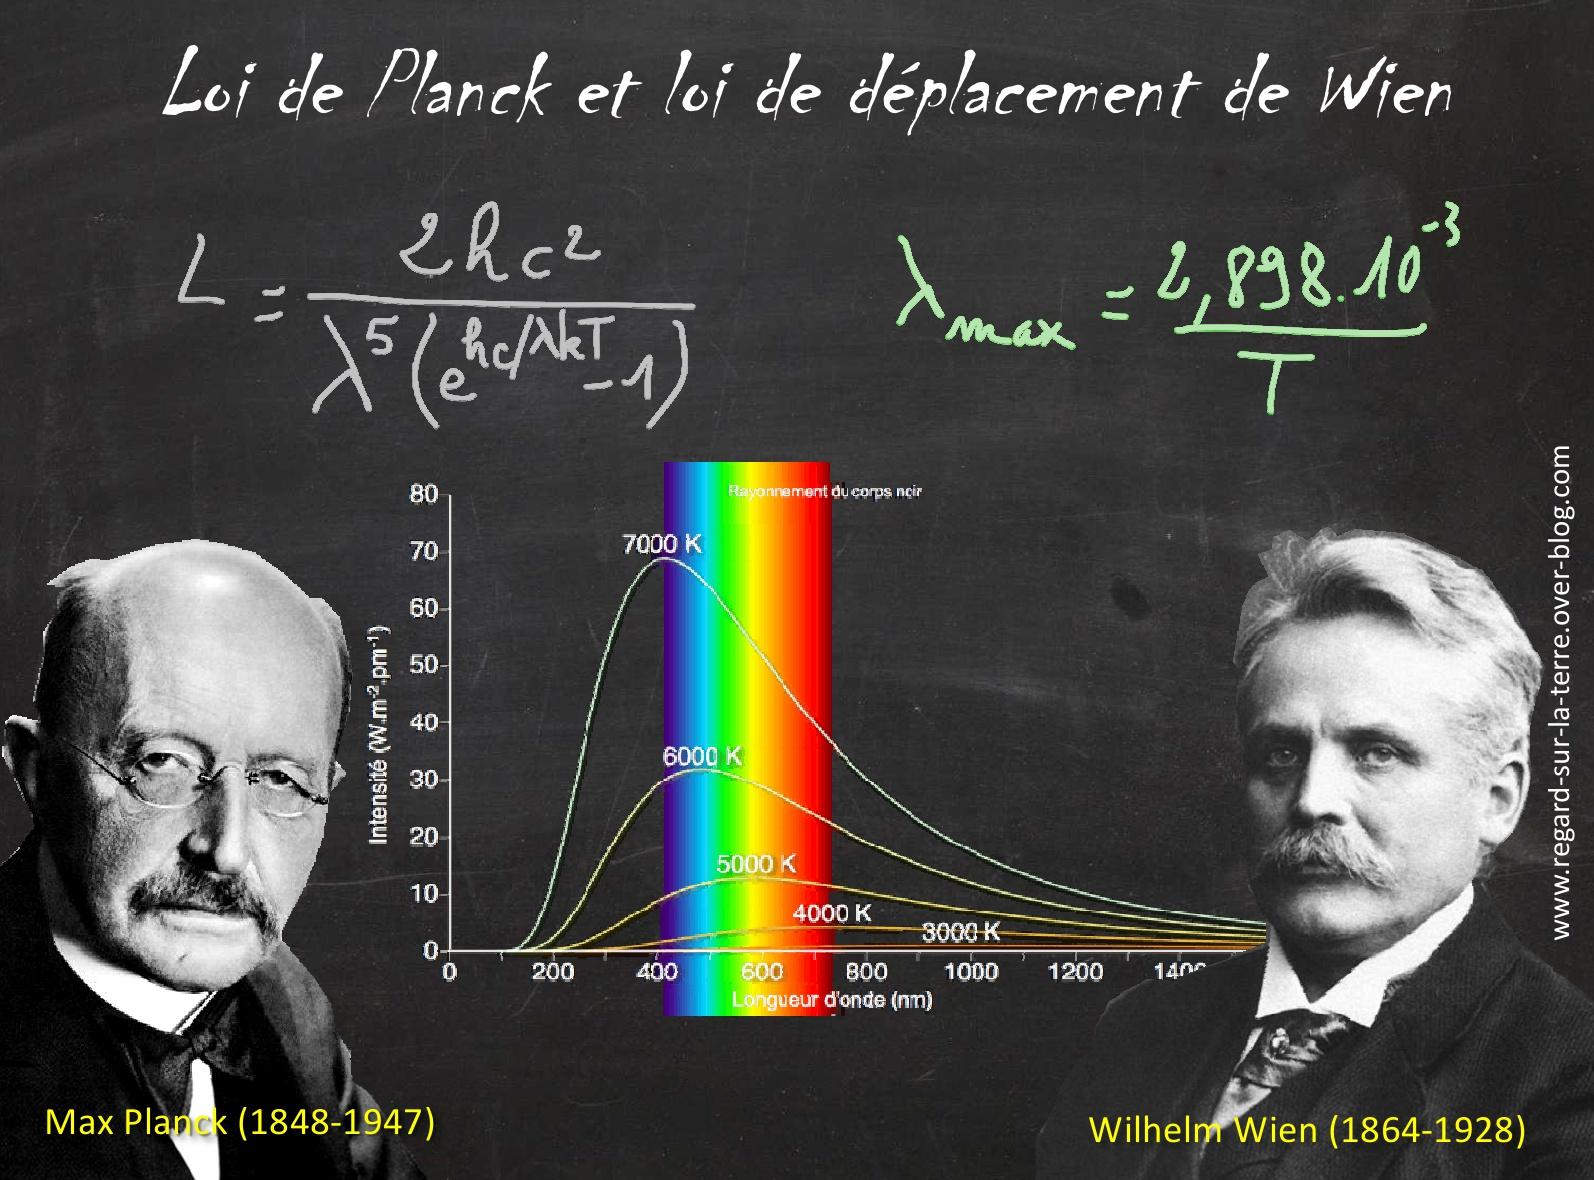 Max Planck - Wilhelm Wien - Corps noir - Spectre d'émission - Température - Loi de planck - déplacement de Wien - Prix Nobel de Physique - Rayonnement